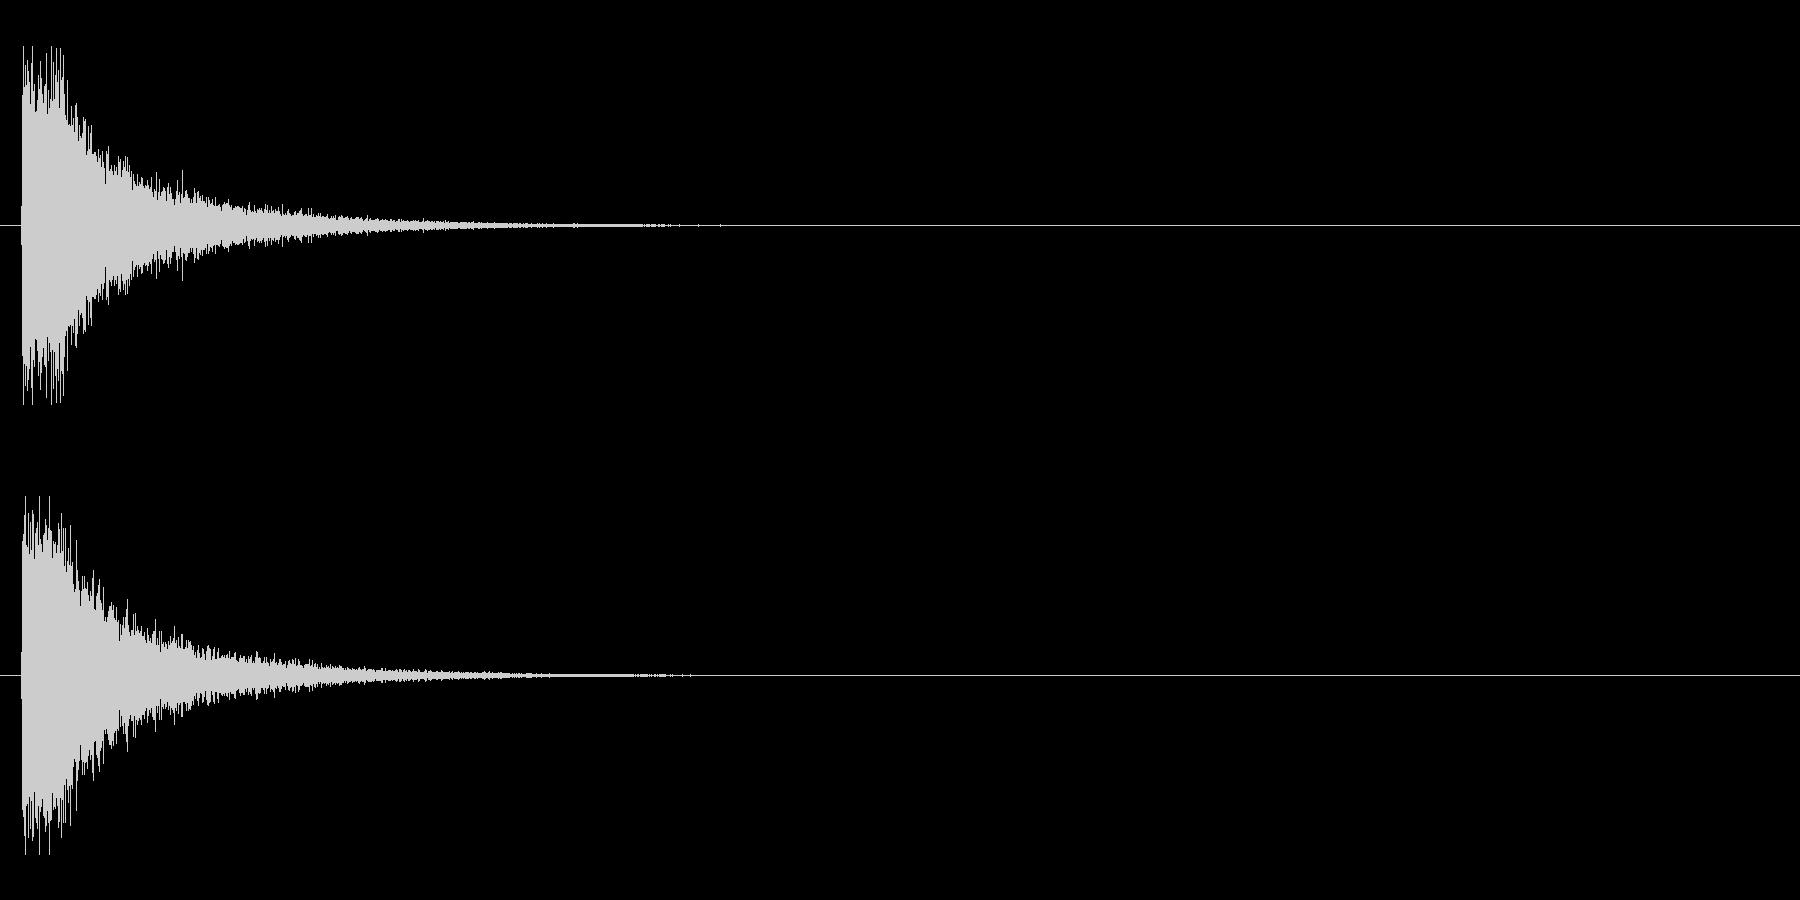 レーザー音-79-1の未再生の波形